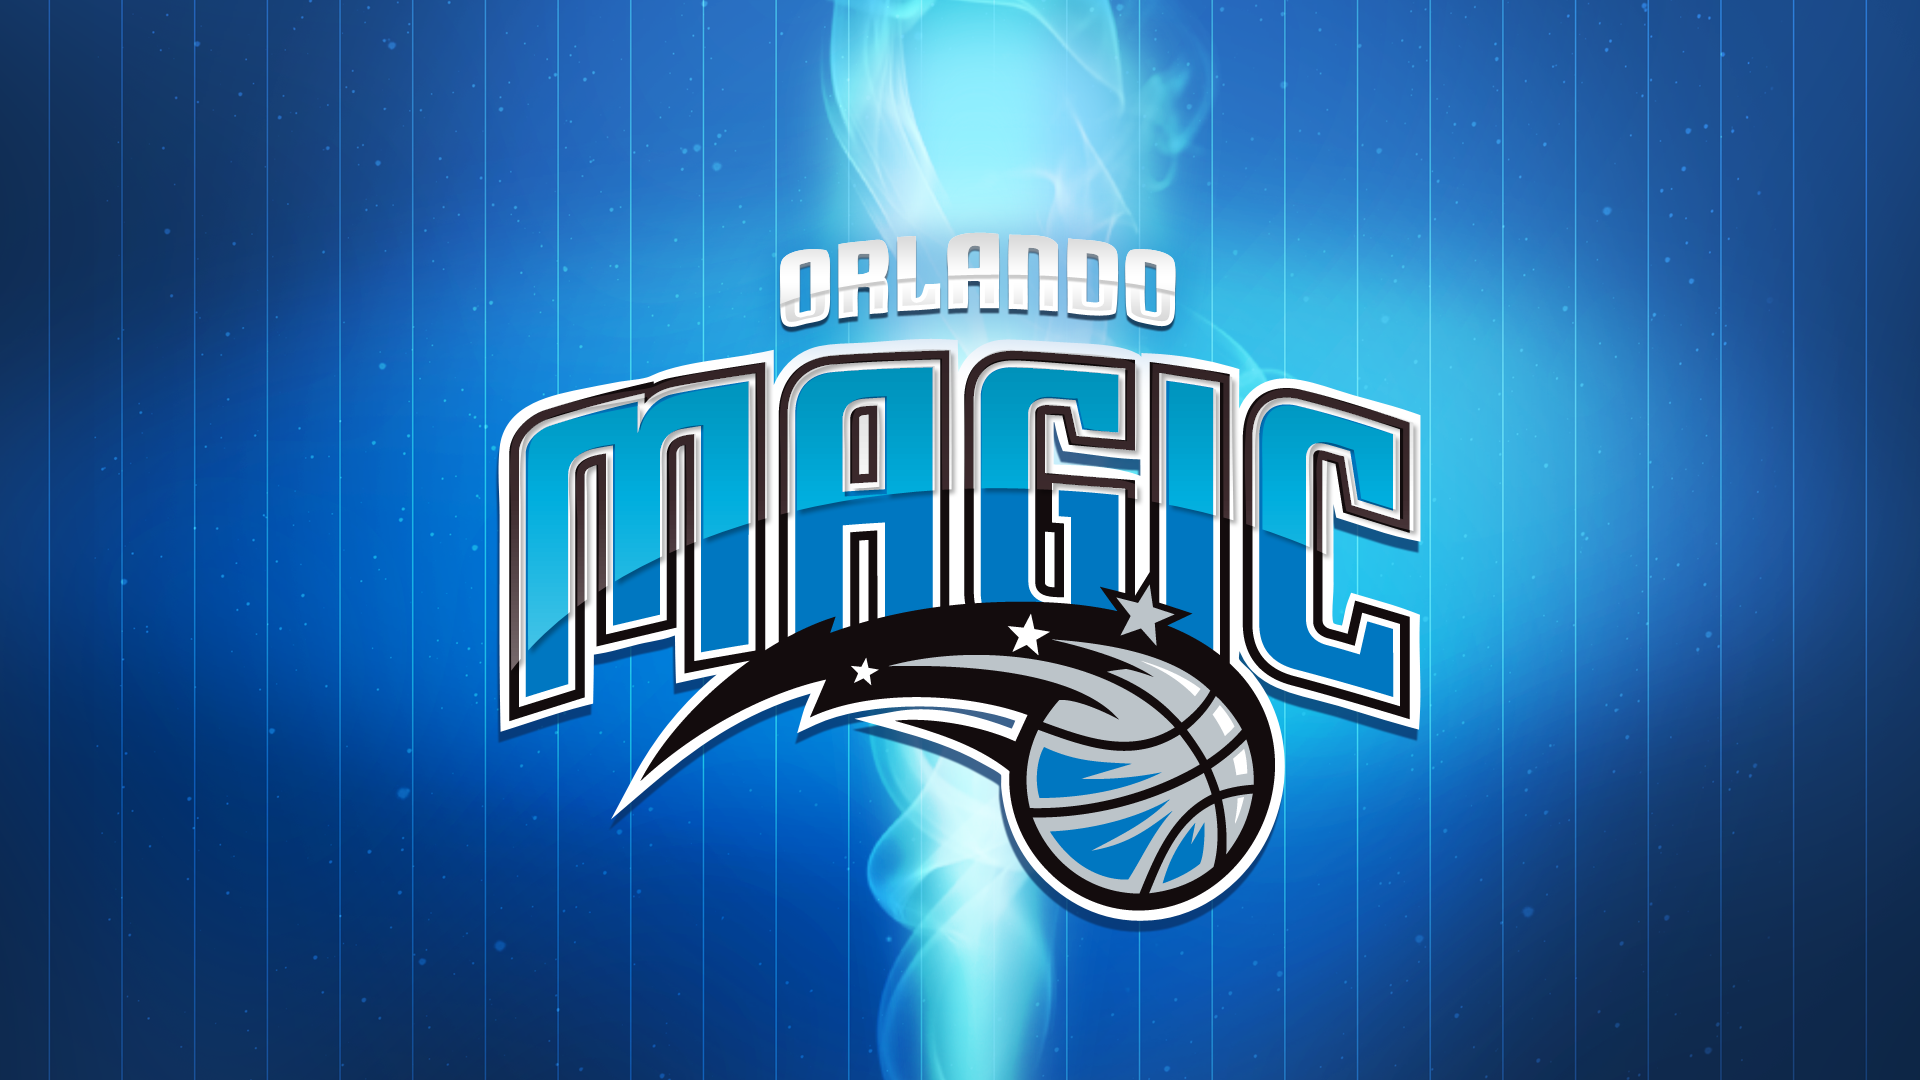 ORLANDO MAGIC nba basketball wallpaper   1920x1080   227839 ...